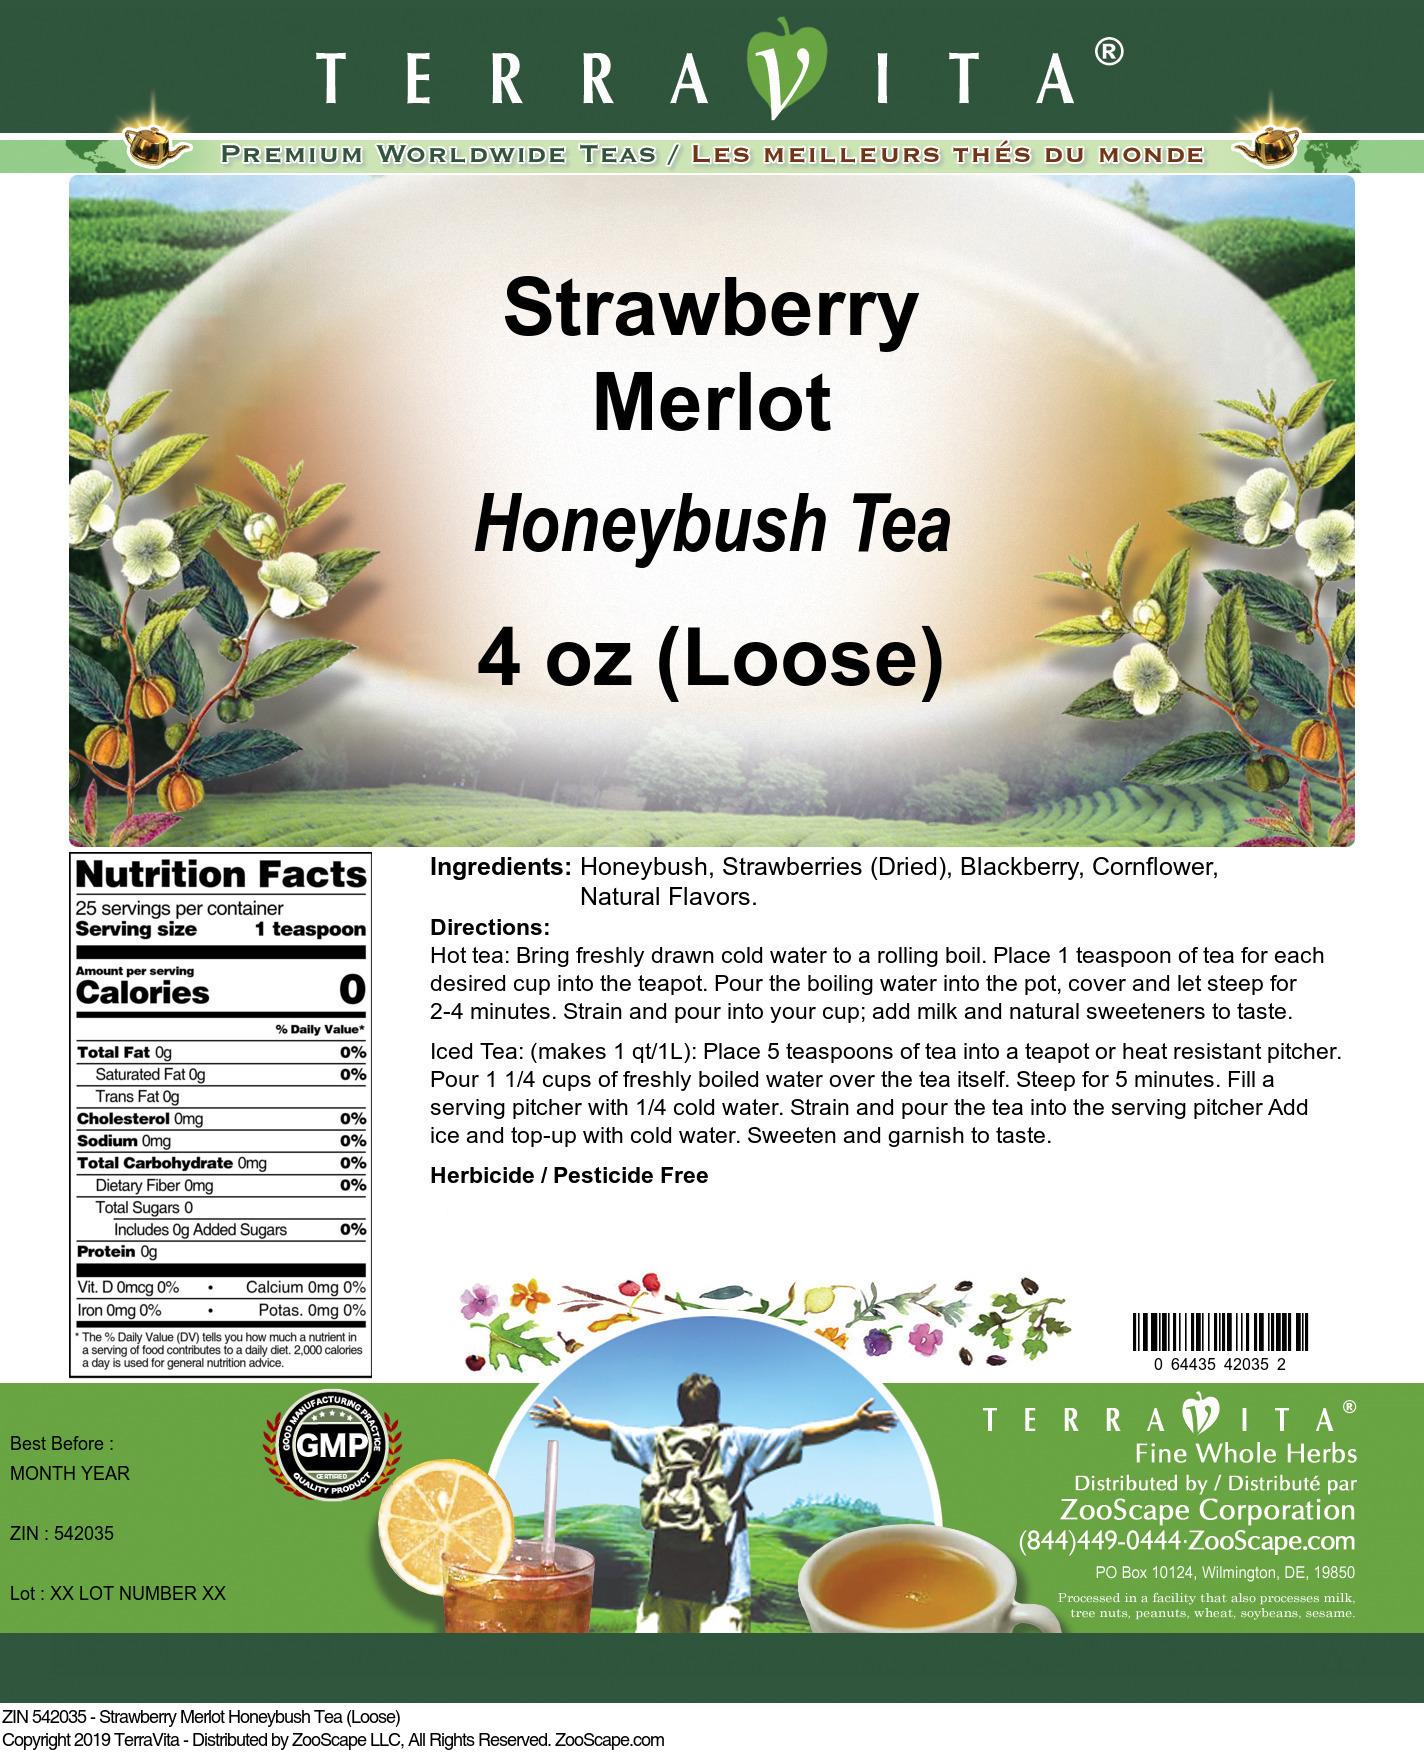 Strawberry Merlot Honeybush Tea